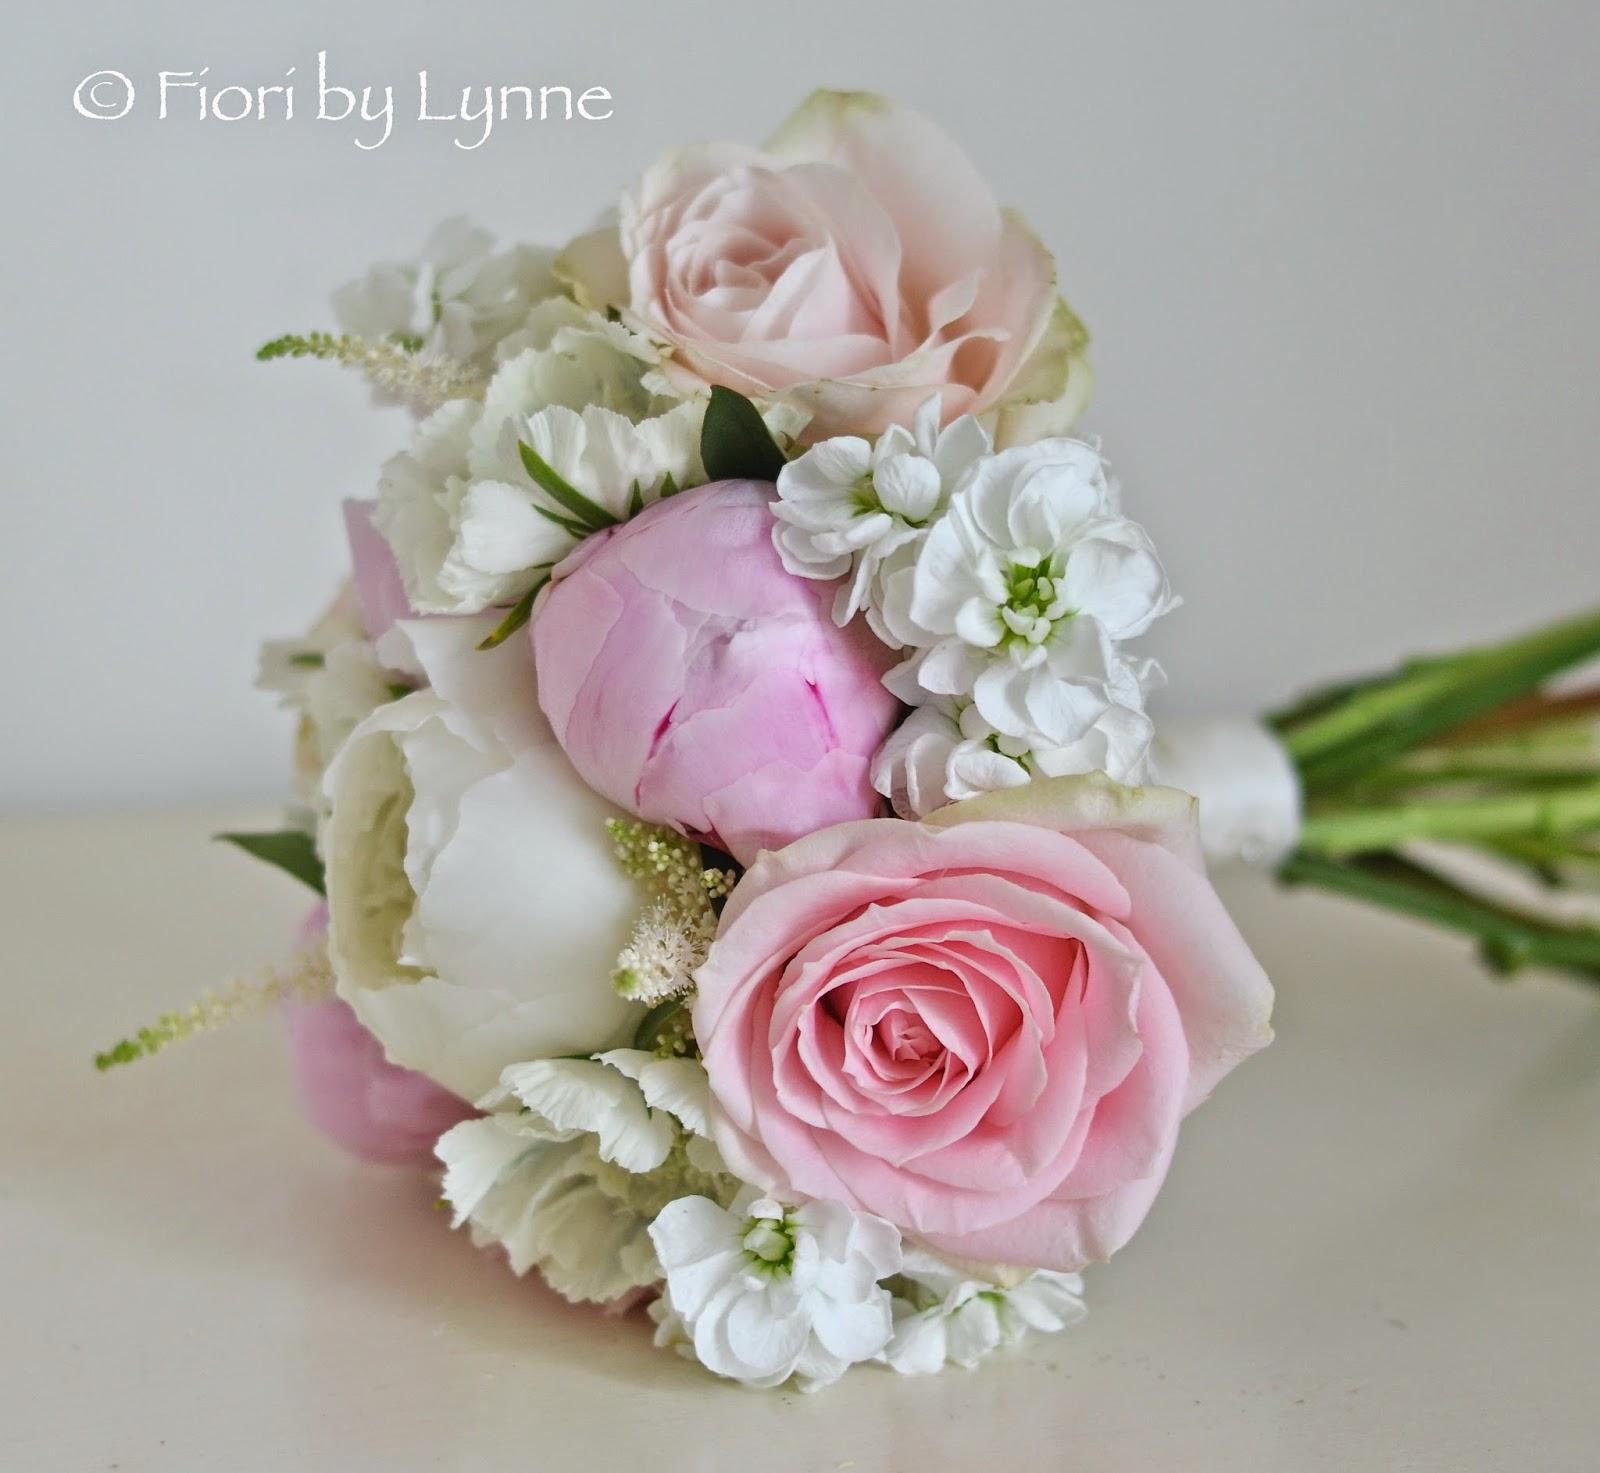 June Wedding Flowers: Wedding Flowers Blog: June 2014